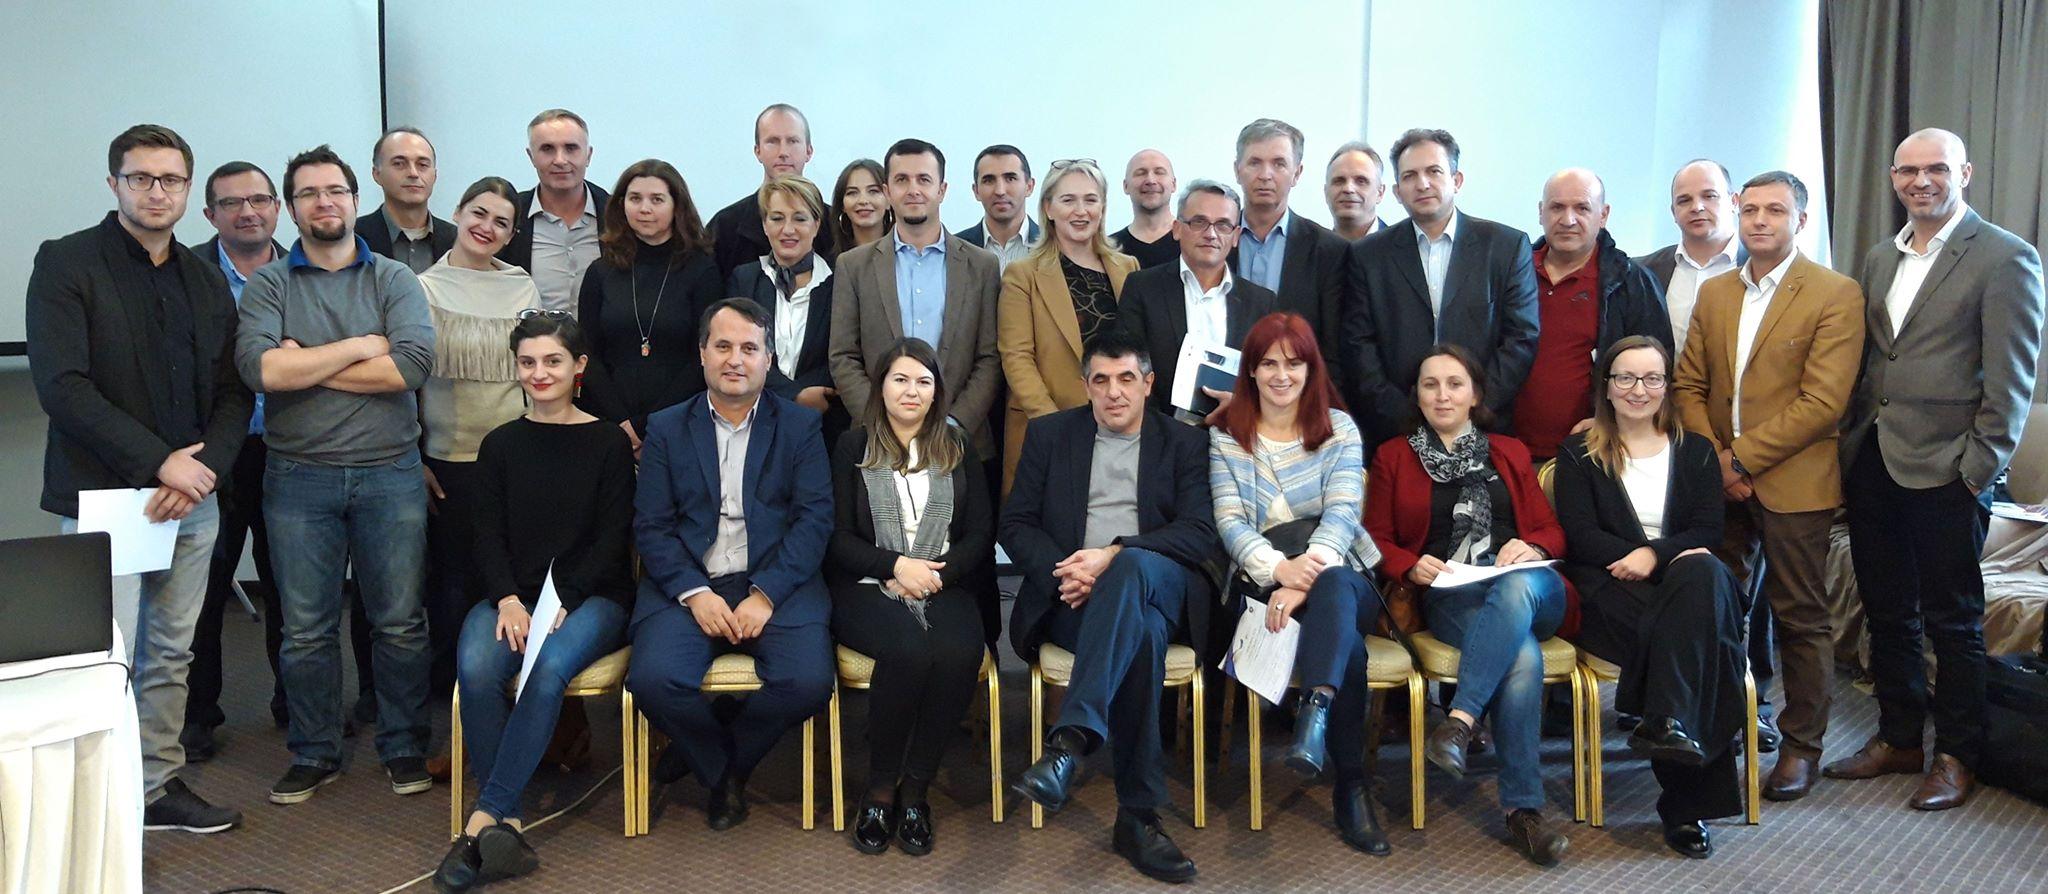 Tre profesorë të UBT-së certifikohen si trajnerë për auditimin e energjisë në Kosovë